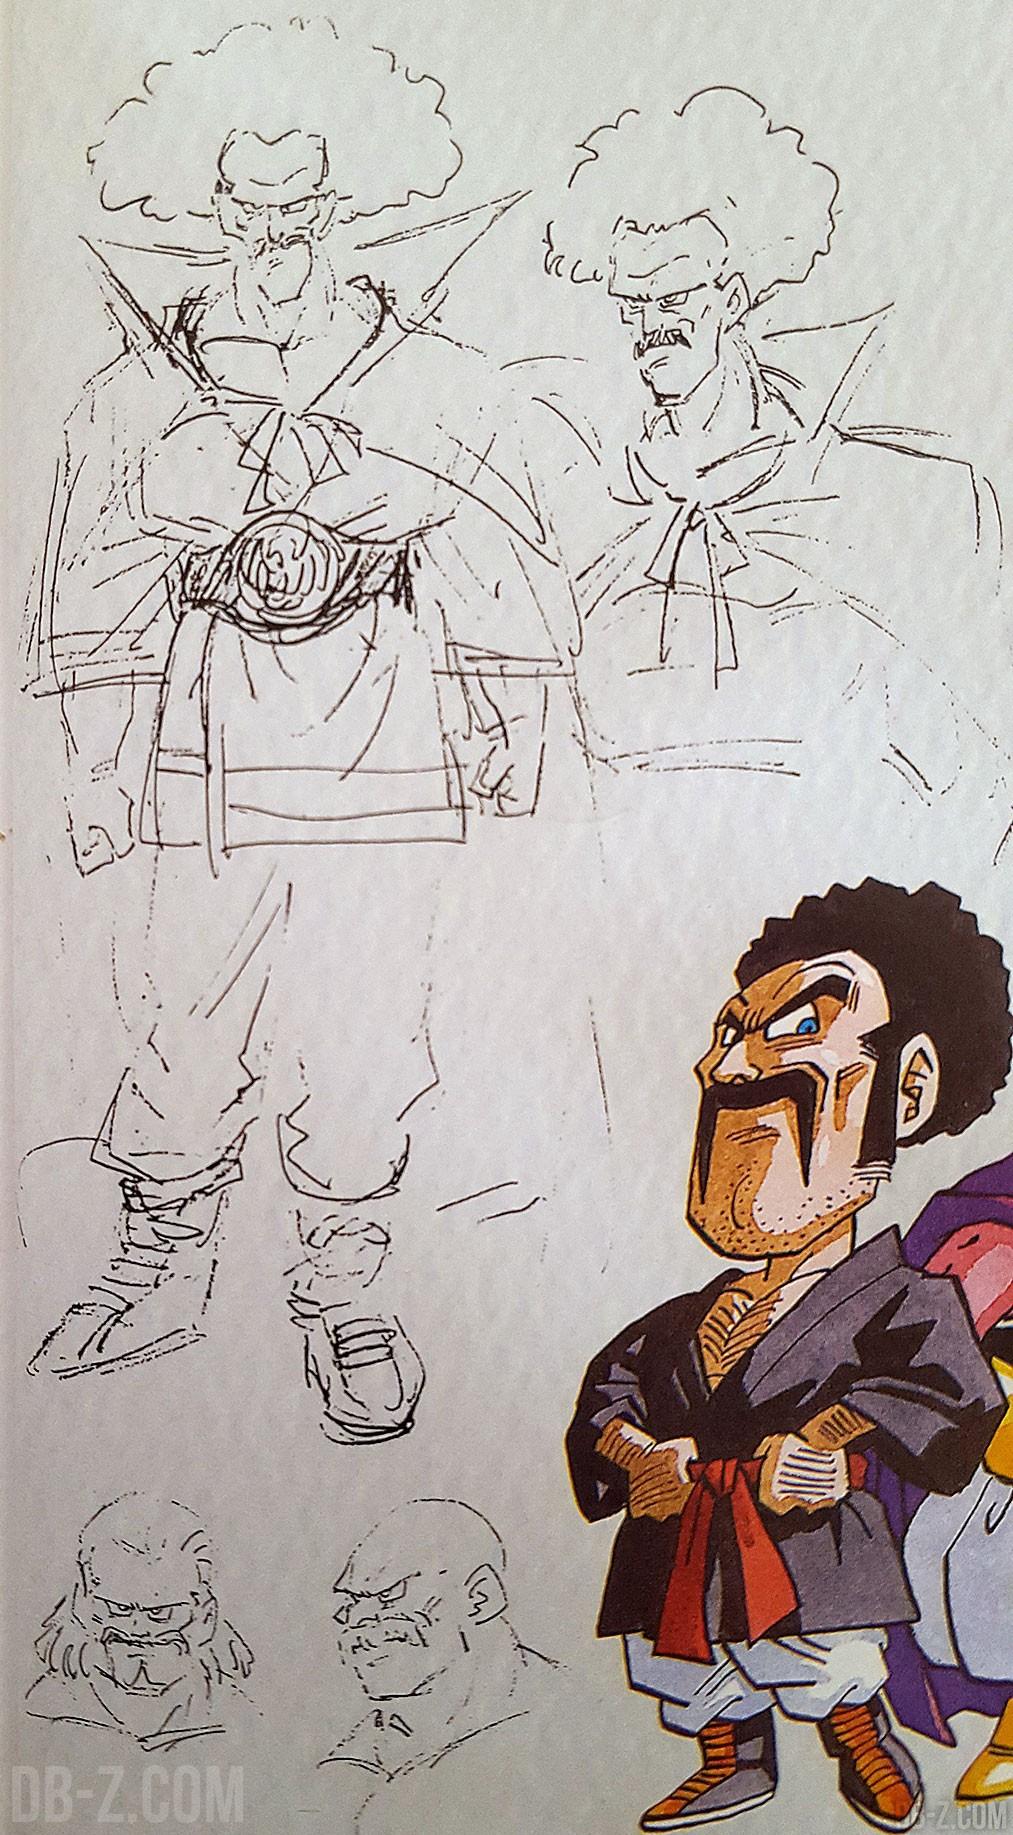 Des croquis de toriyama sur les personnages de dbz for Mr art design